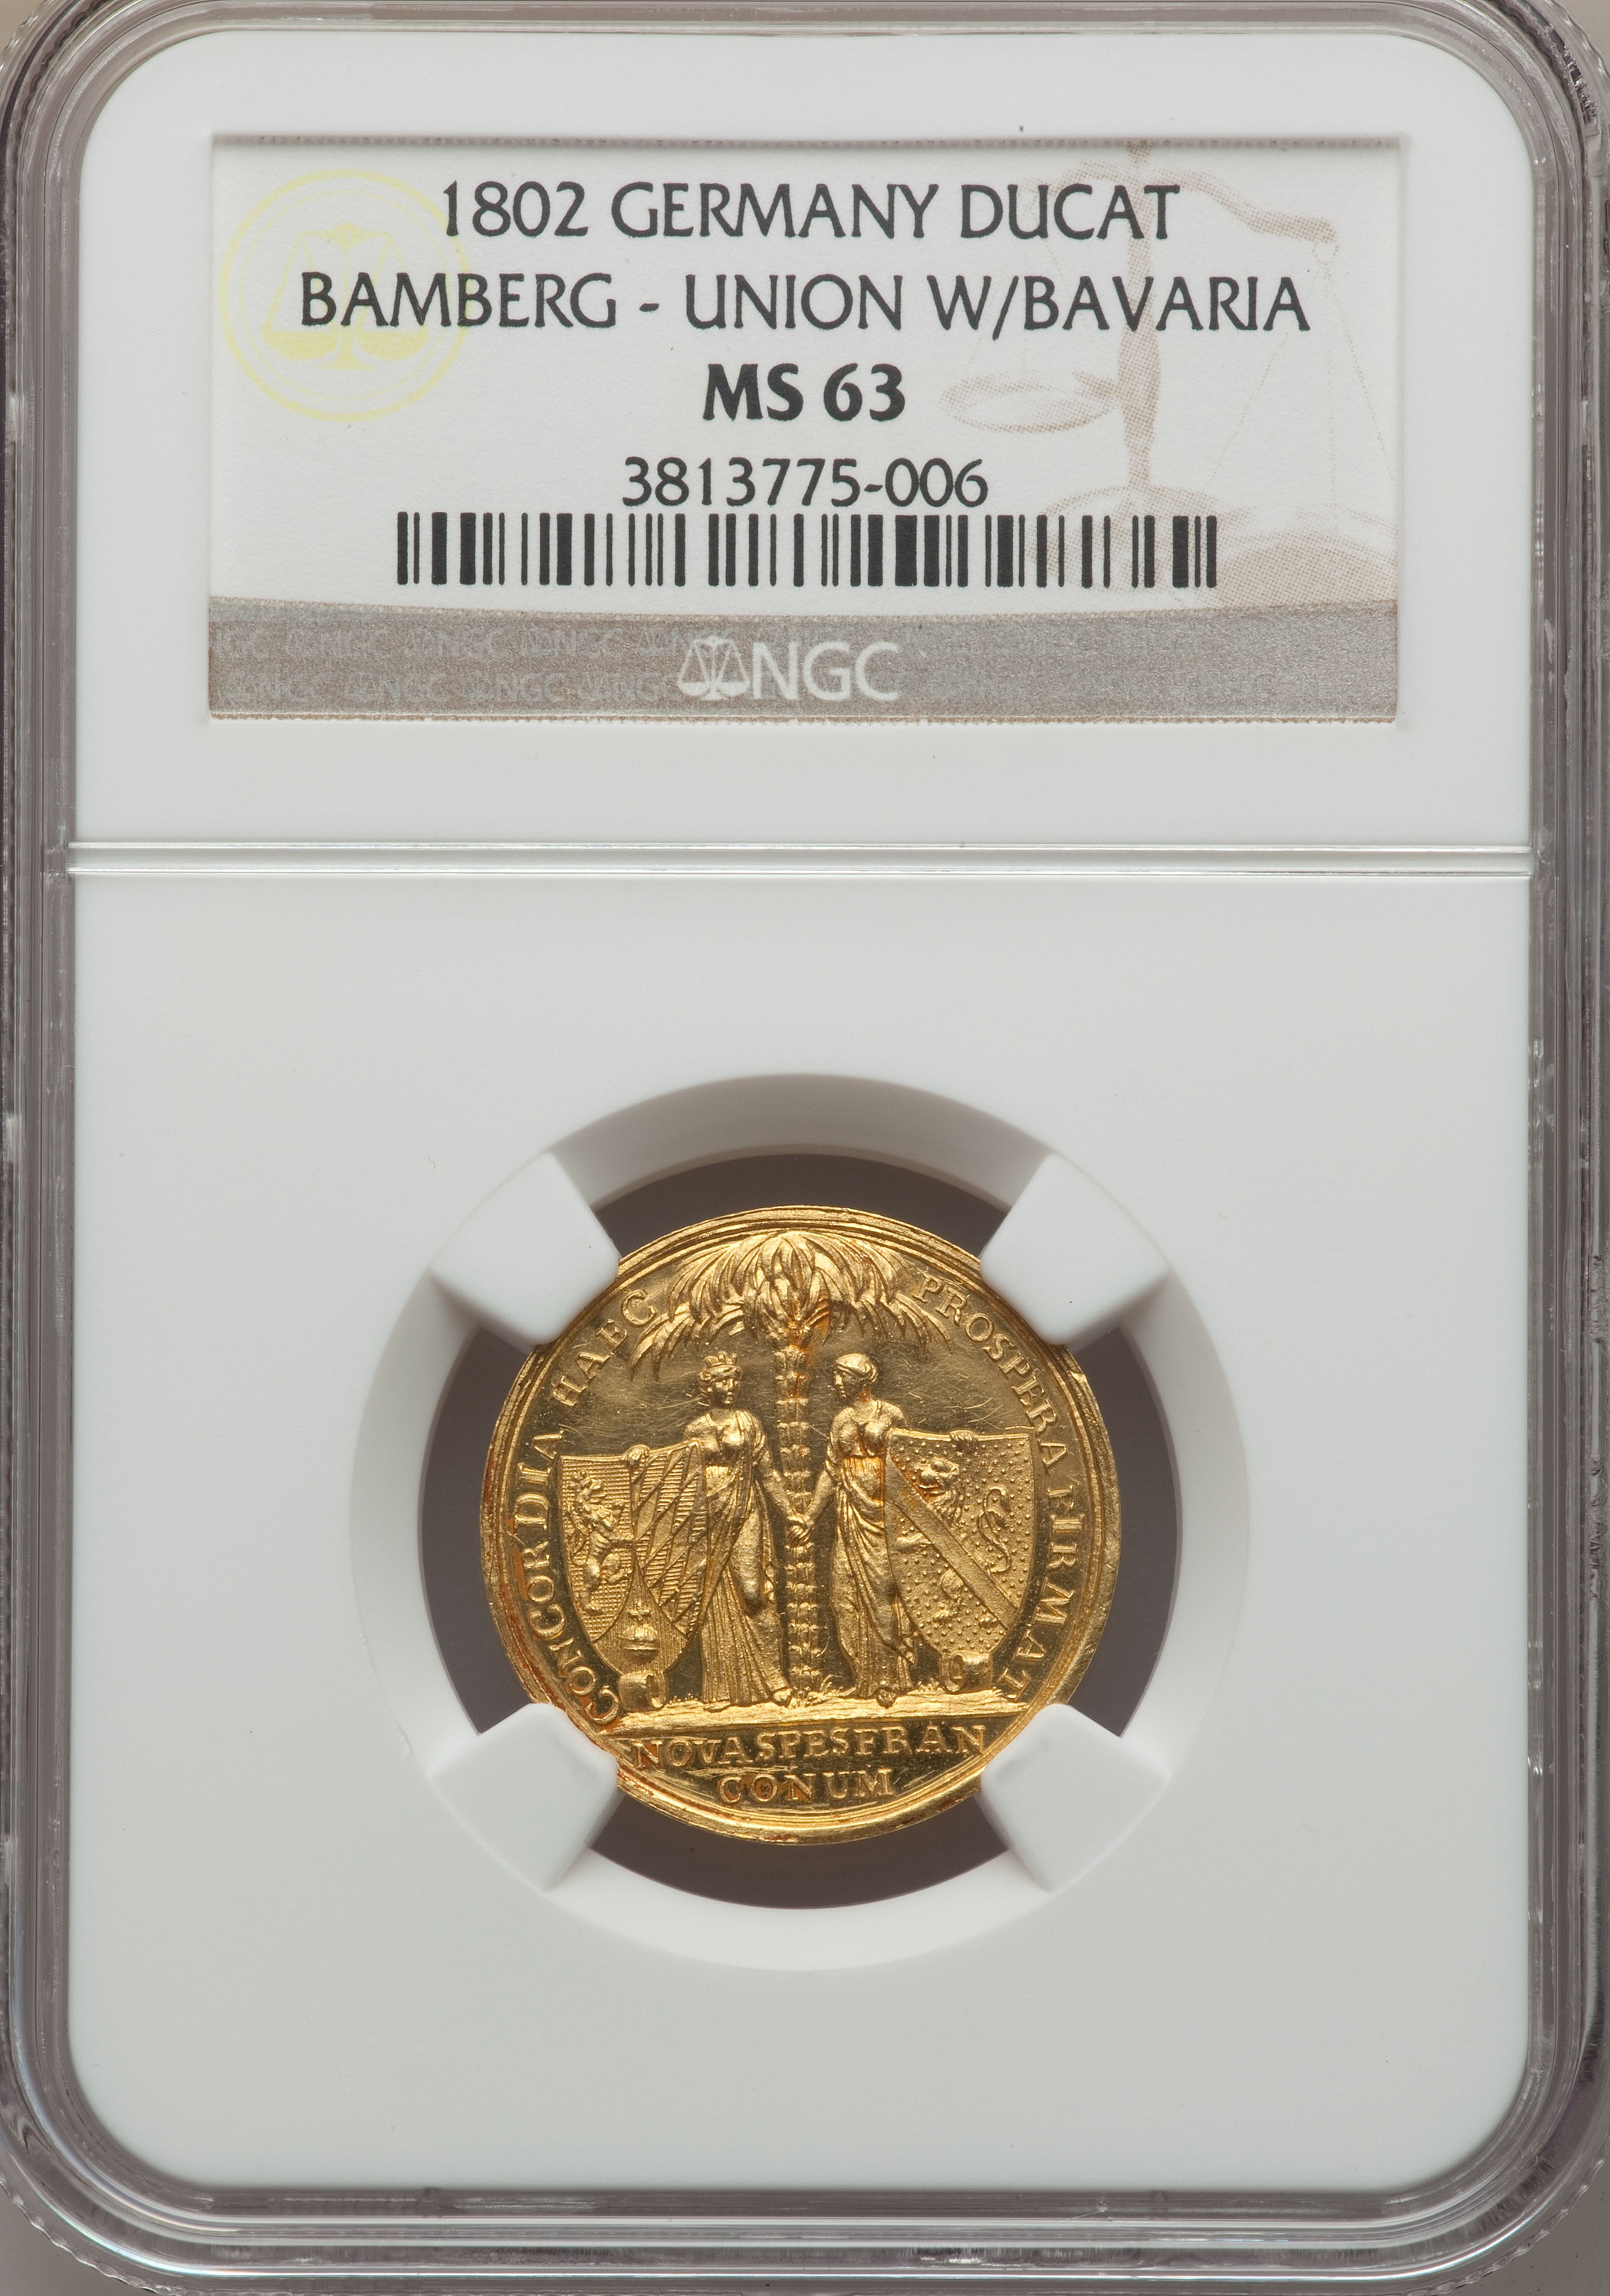 【動画あり】アンティークコイン ドイツ金貨 Bamberg. Christoph Franz von Buseck Ducat 1802 MS63 NGC